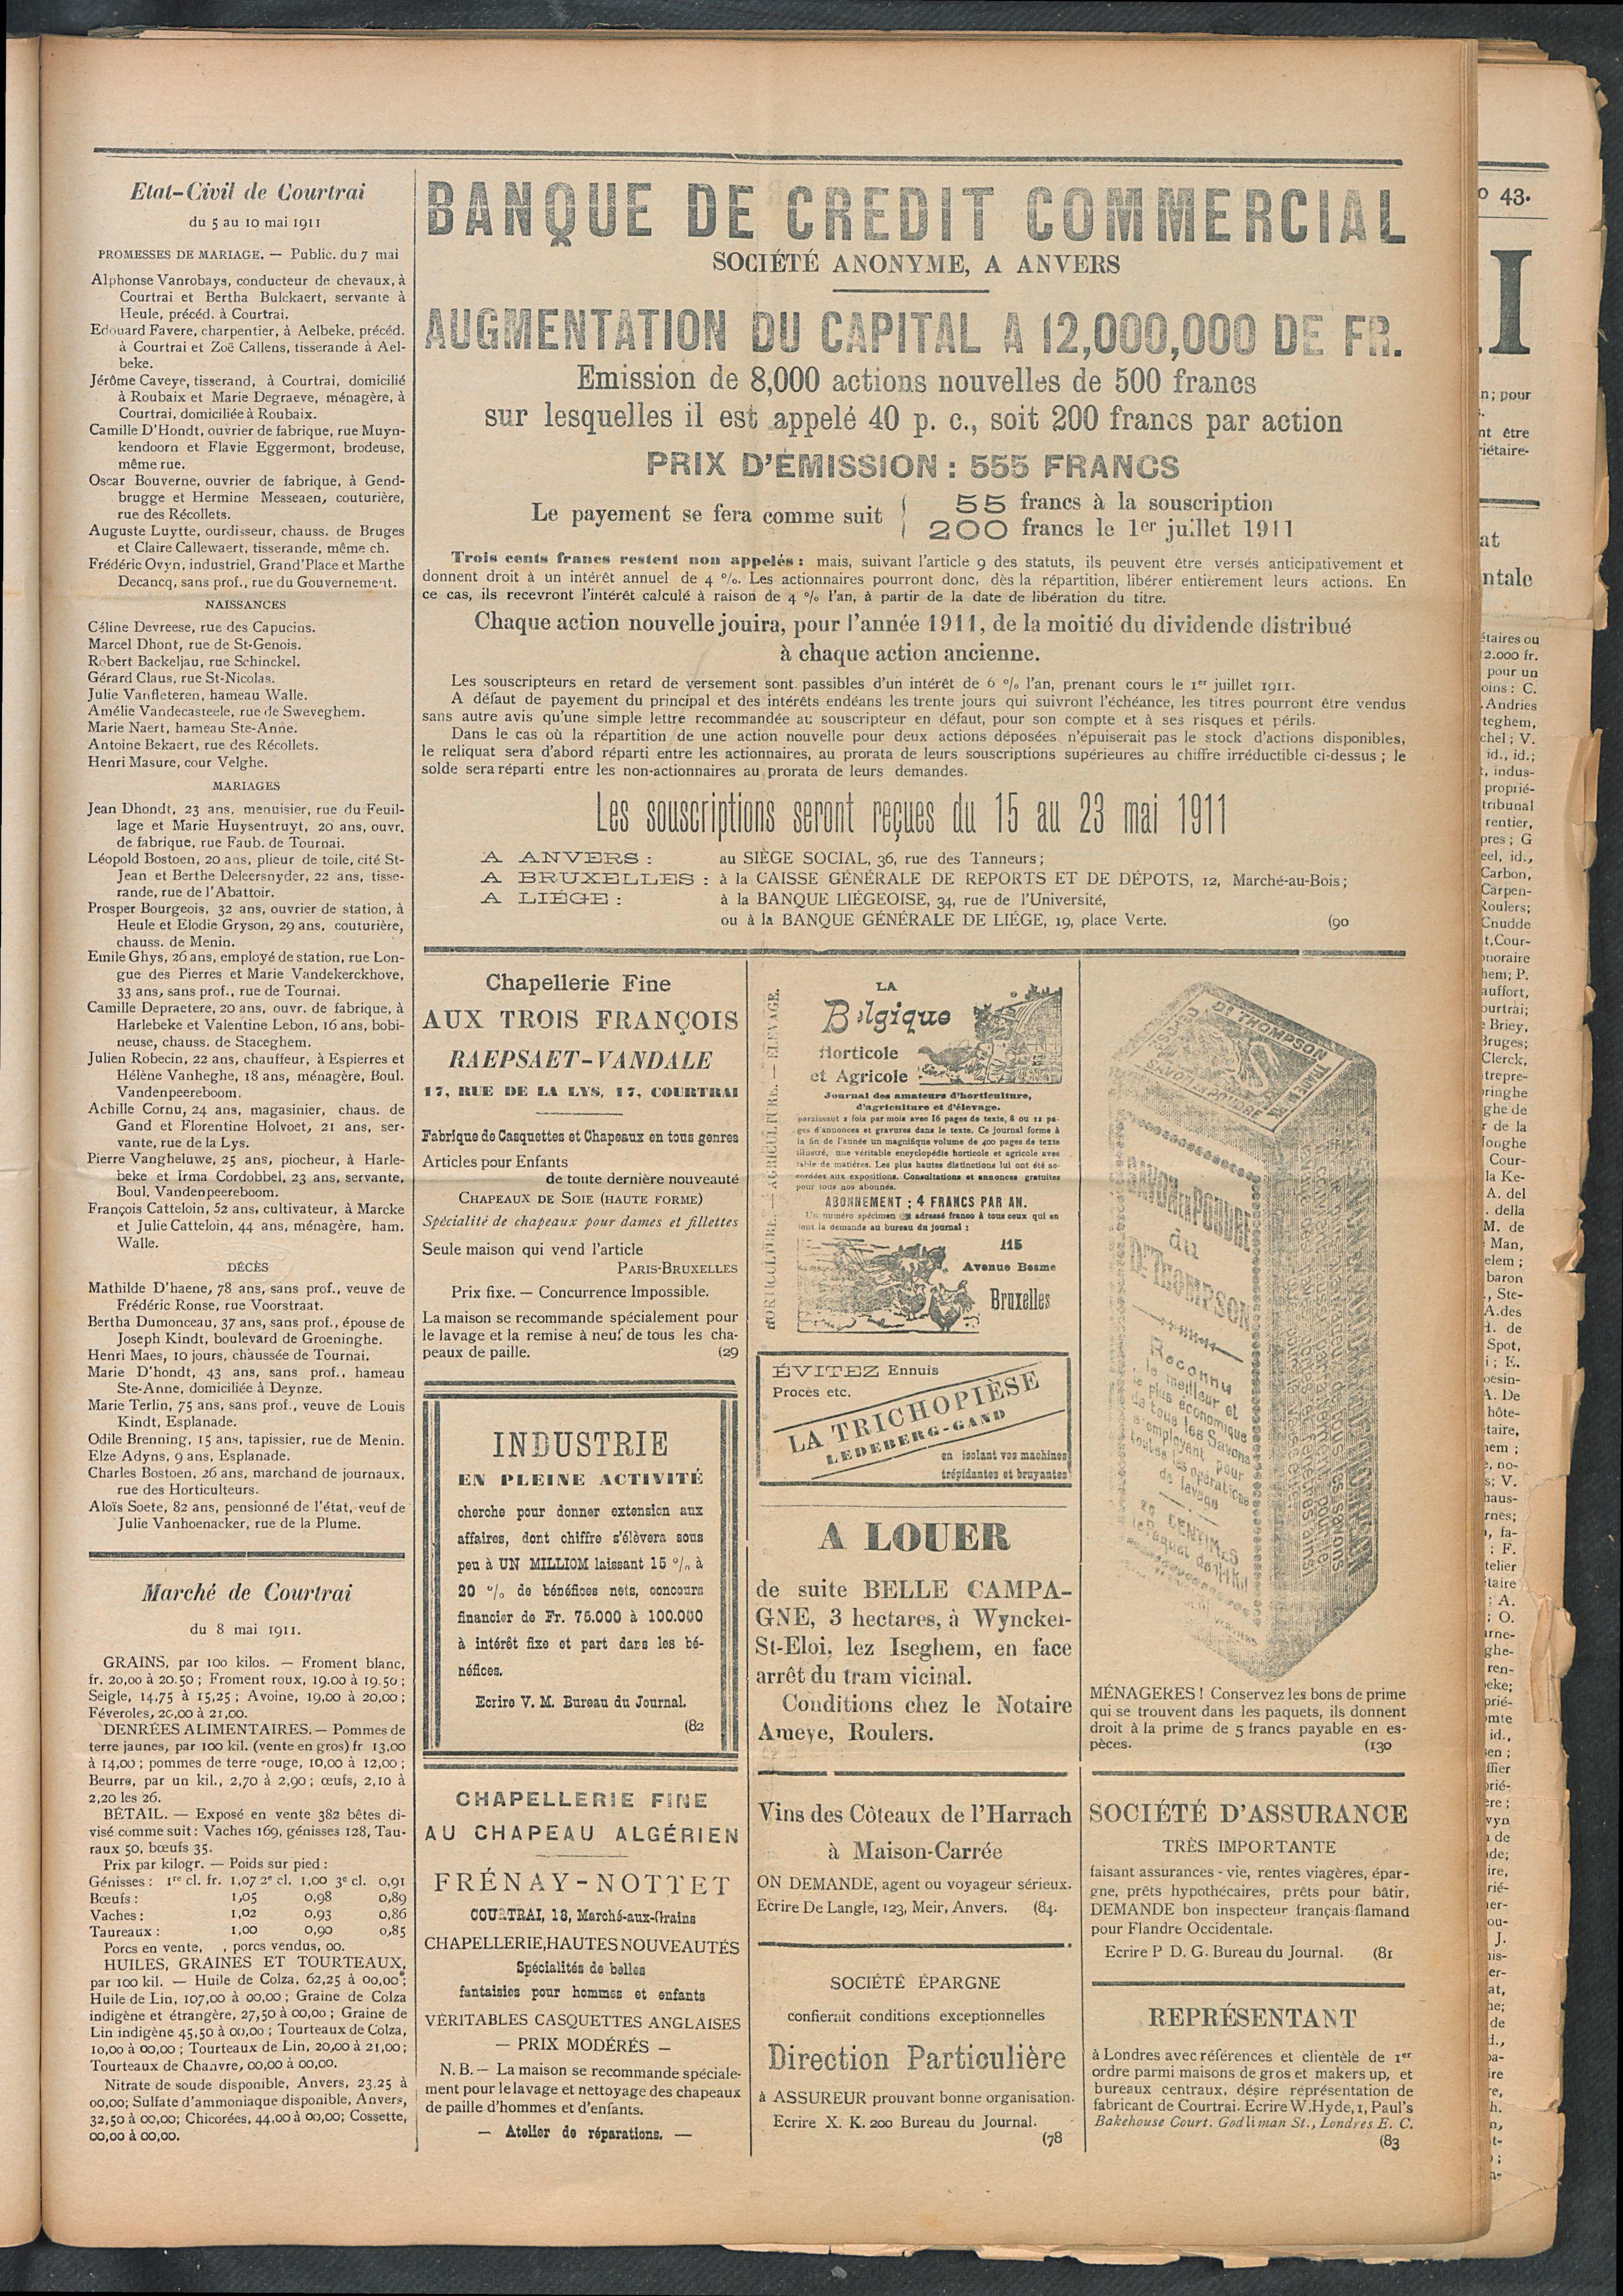 L'echo De Courtrai 1911-05-11 p3